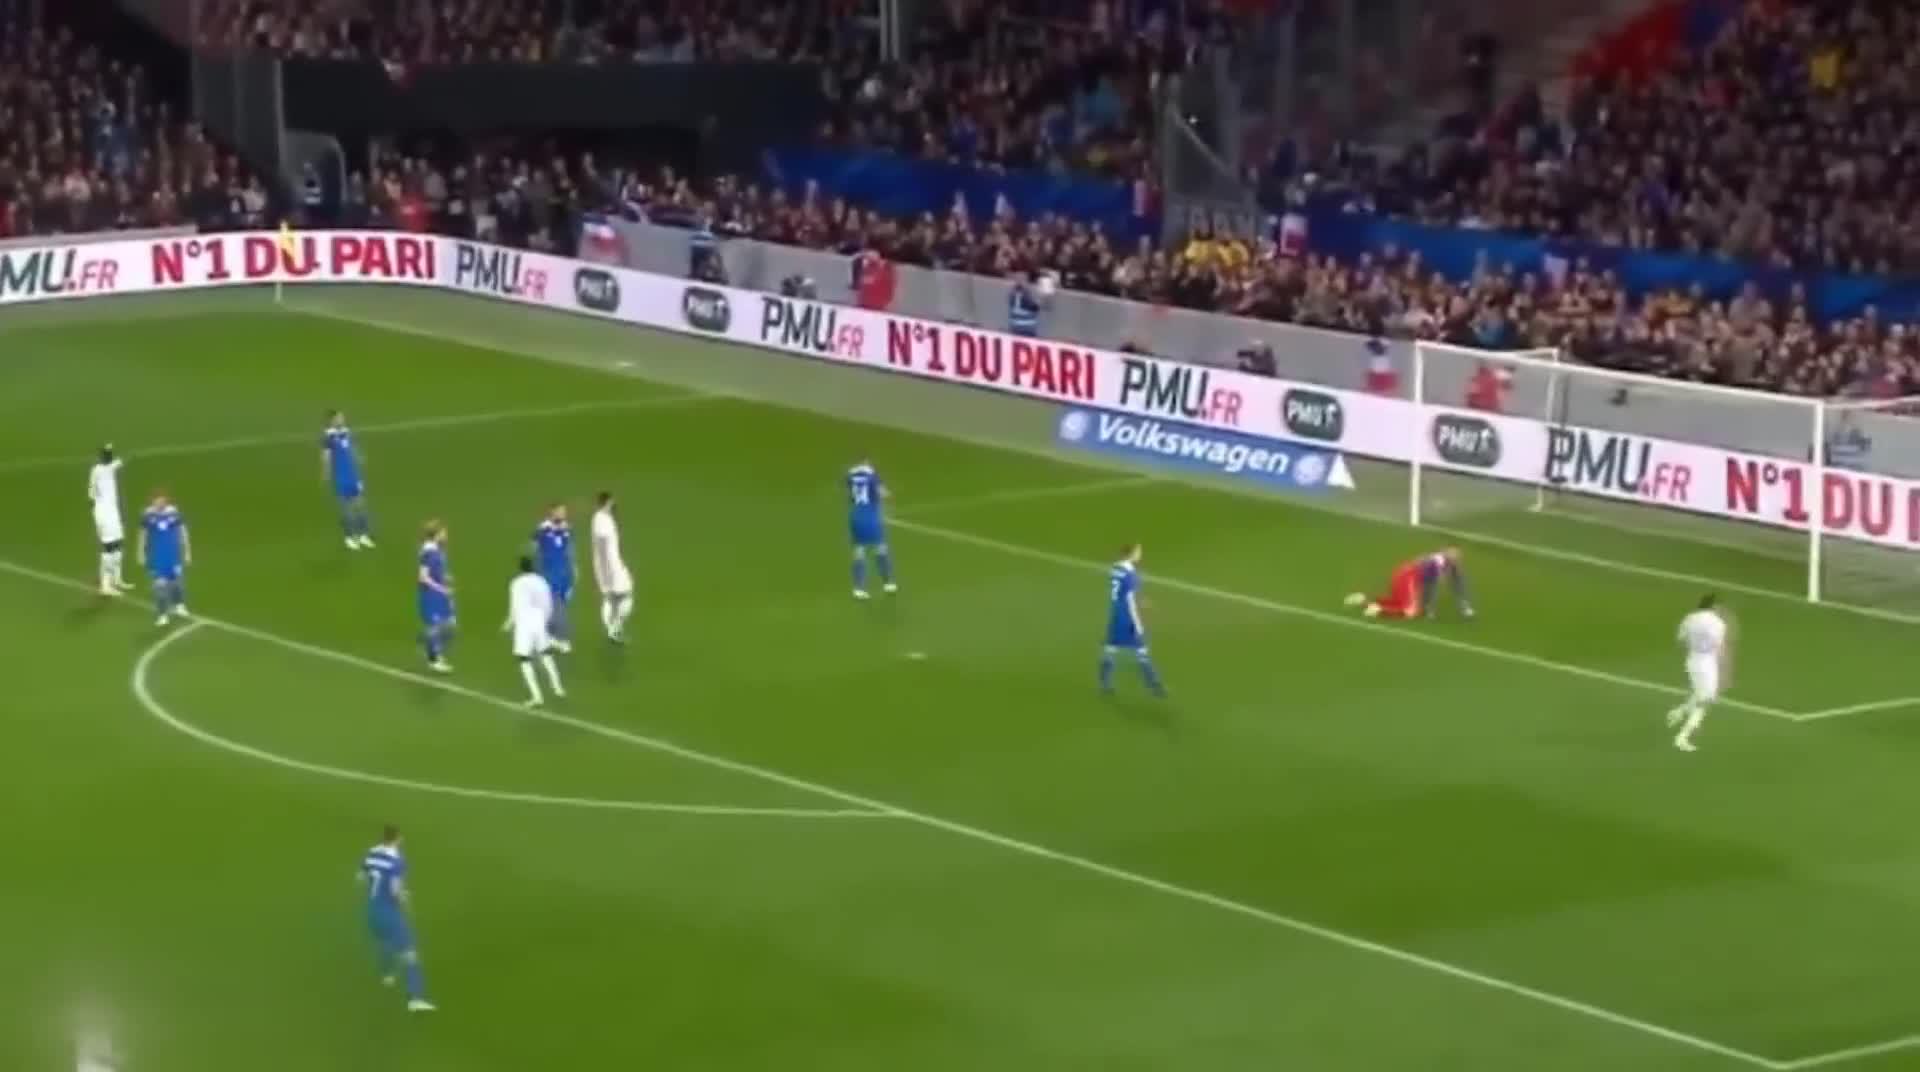 [视频]热身赛:法国两球落后2-2追平冰岛 姆巴佩点球绝平